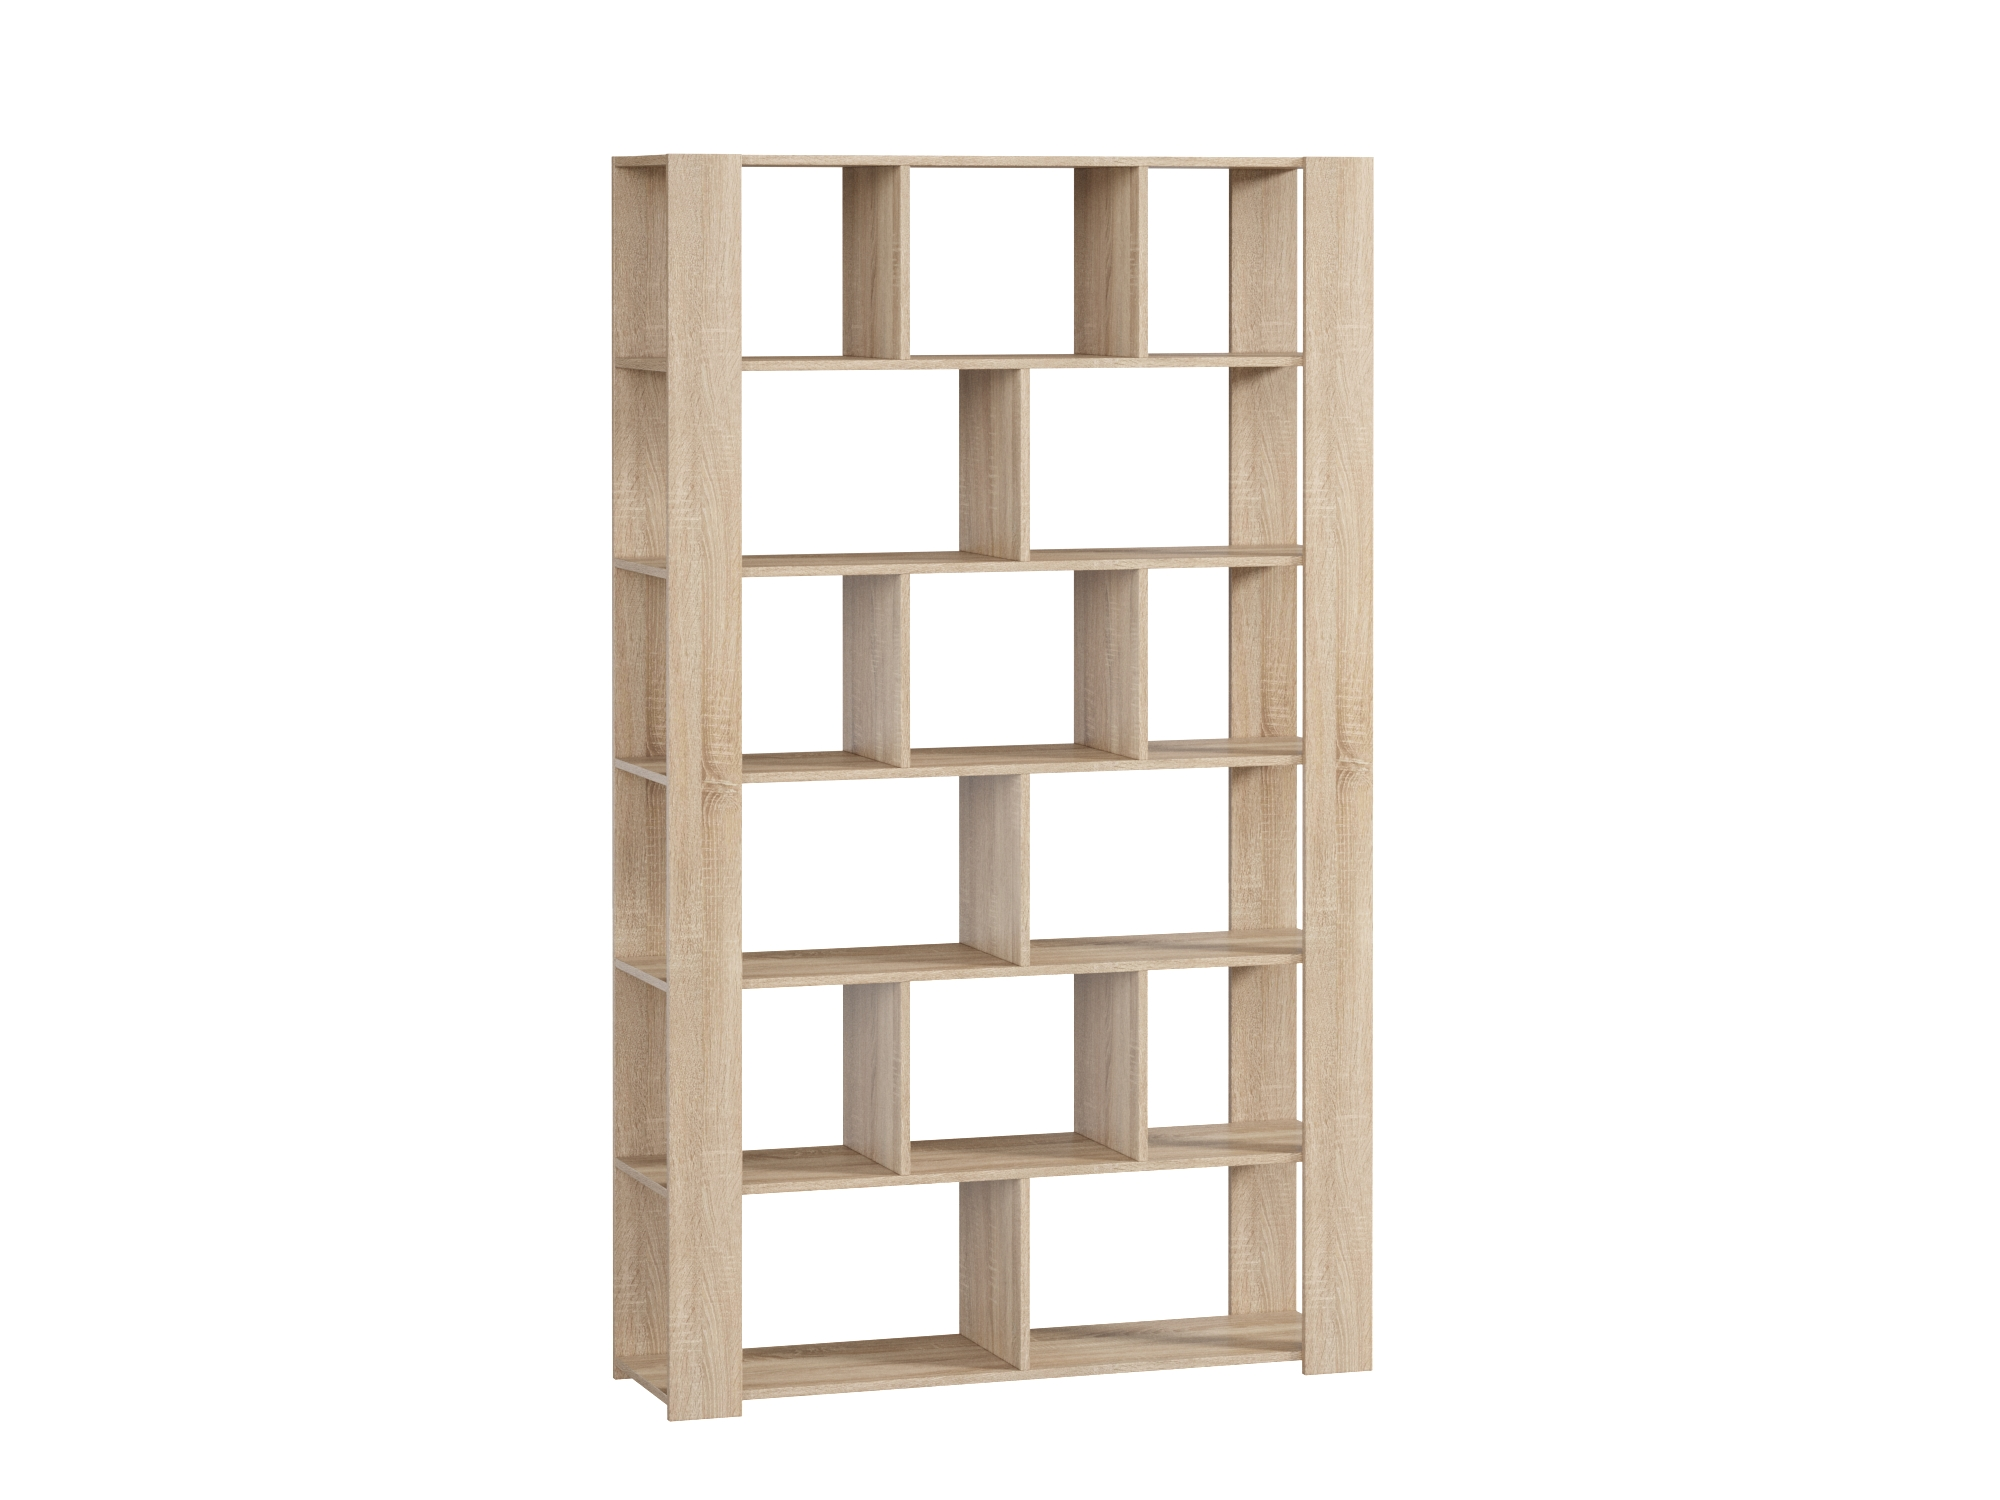 картинка Сплит-1200 стеллаж от магазина Woodcraft